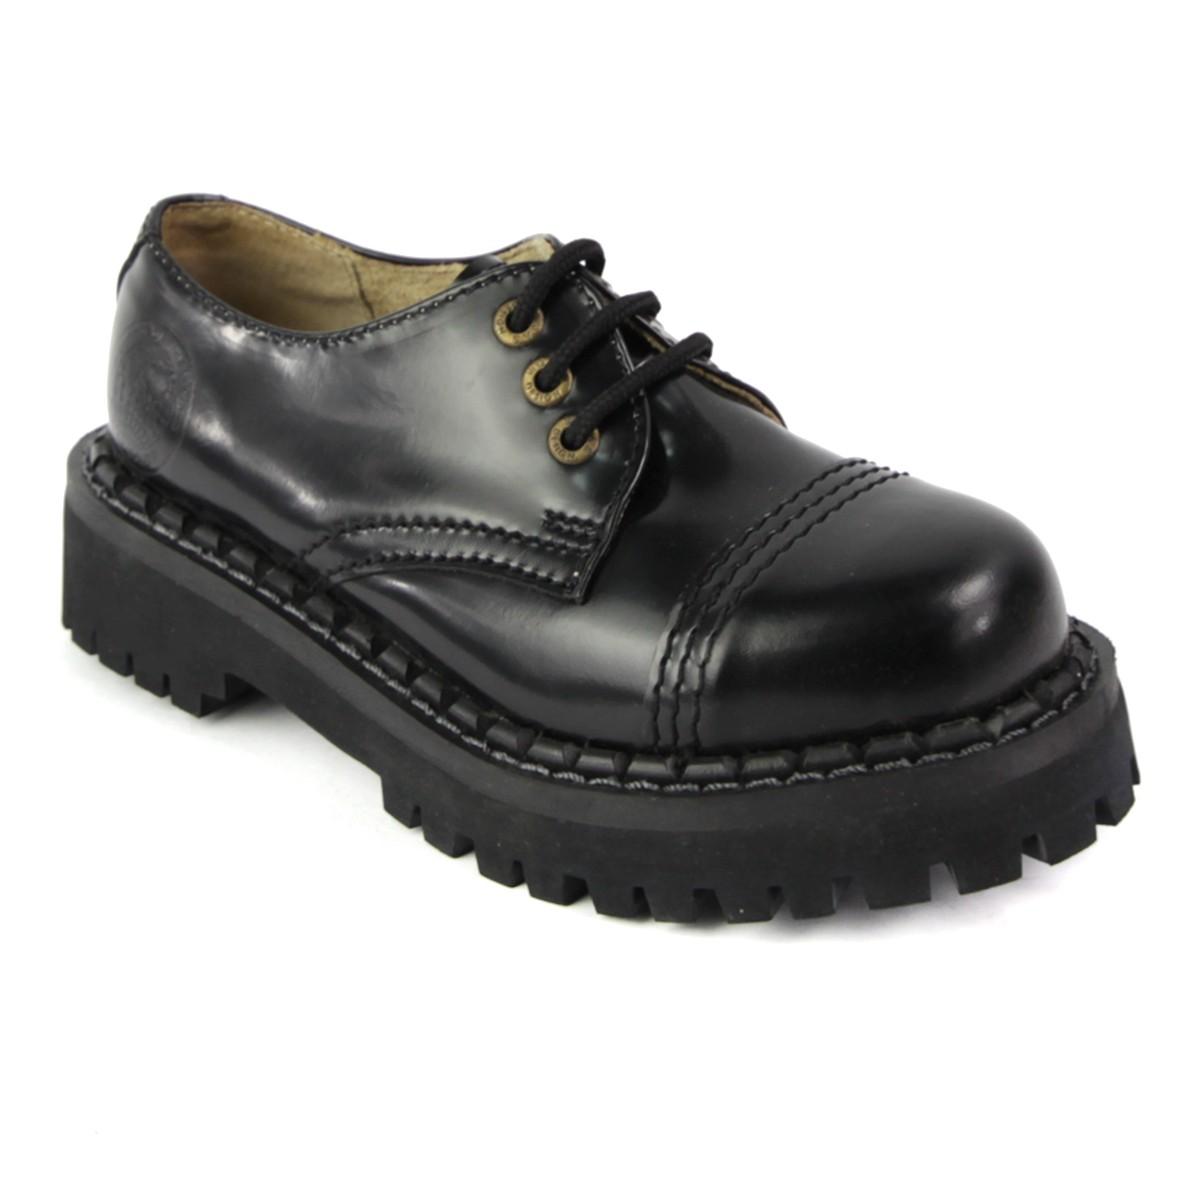 209c2cd44b ... hurtowania odzieży roboczej prosave.pl oferuje ubrania i obuwie  ochronne najwyższej jakości w ofercie sklepu butyk.pl szeroki wybór obuwia  damskiego.